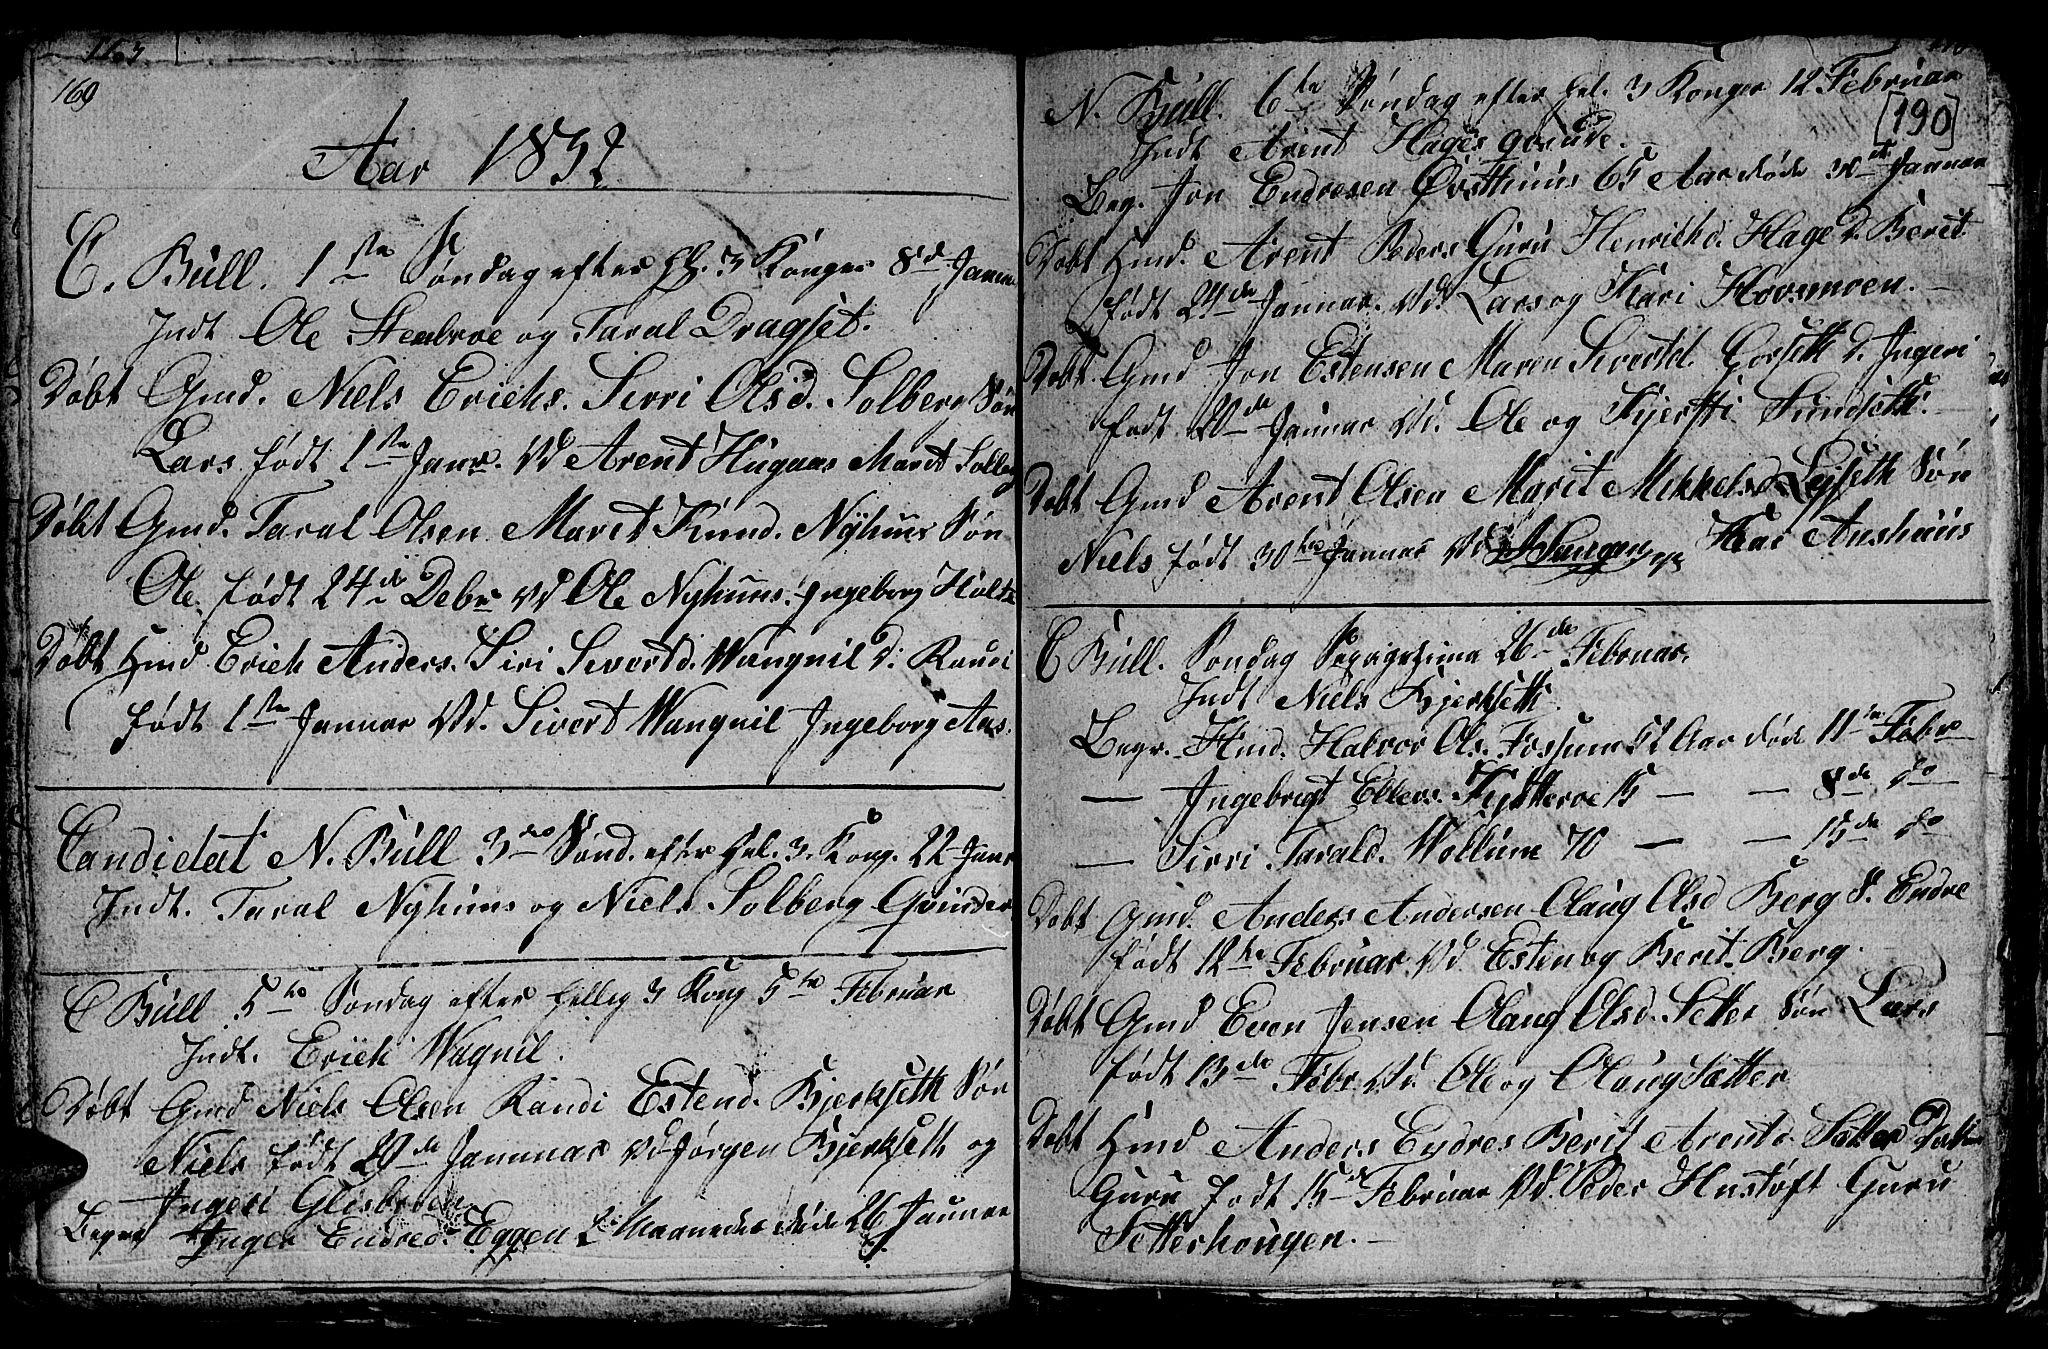 SAT, Ministerialprotokoller, klokkerbøker og fødselsregistre - Sør-Trøndelag, 689/L1042: Klokkerbok nr. 689C01, 1812-1841, s. 189-190